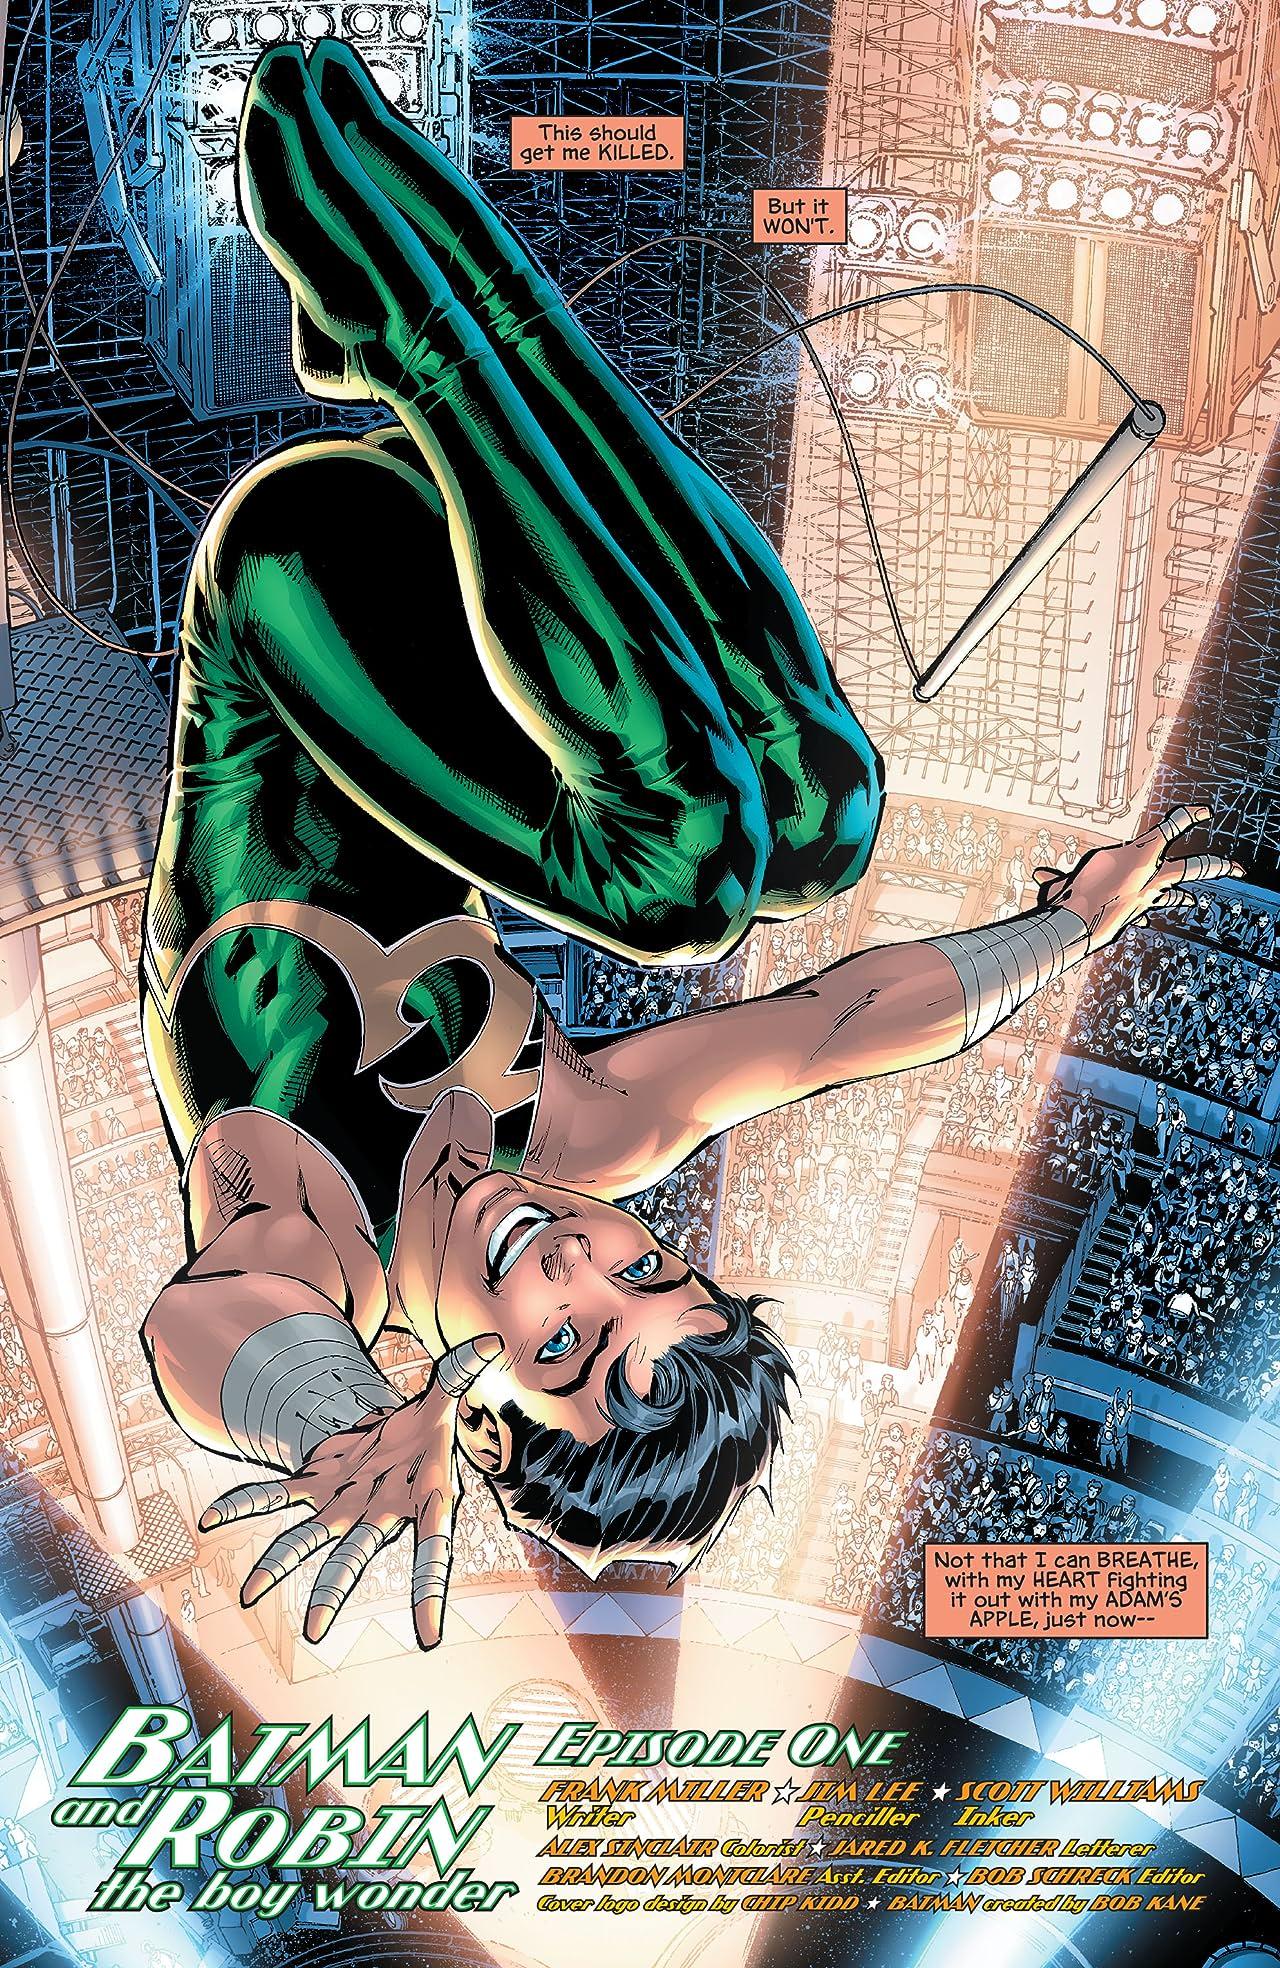 All-Star Batman and Robin, the Boy Wonder #1